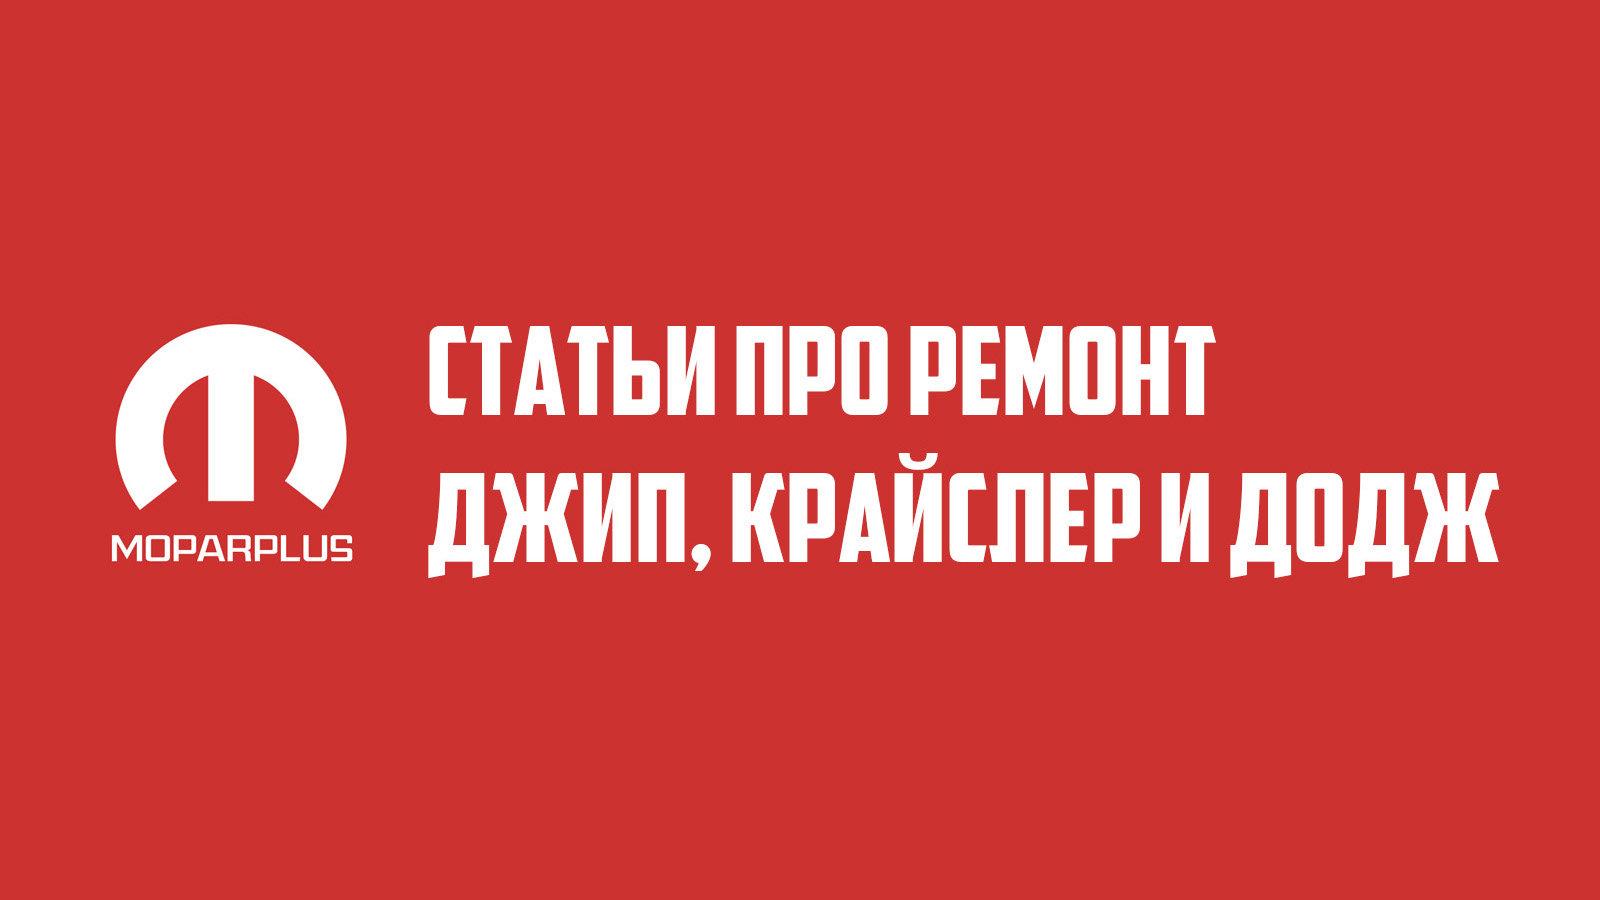 Статьи про ремонт. Выпуск №28.